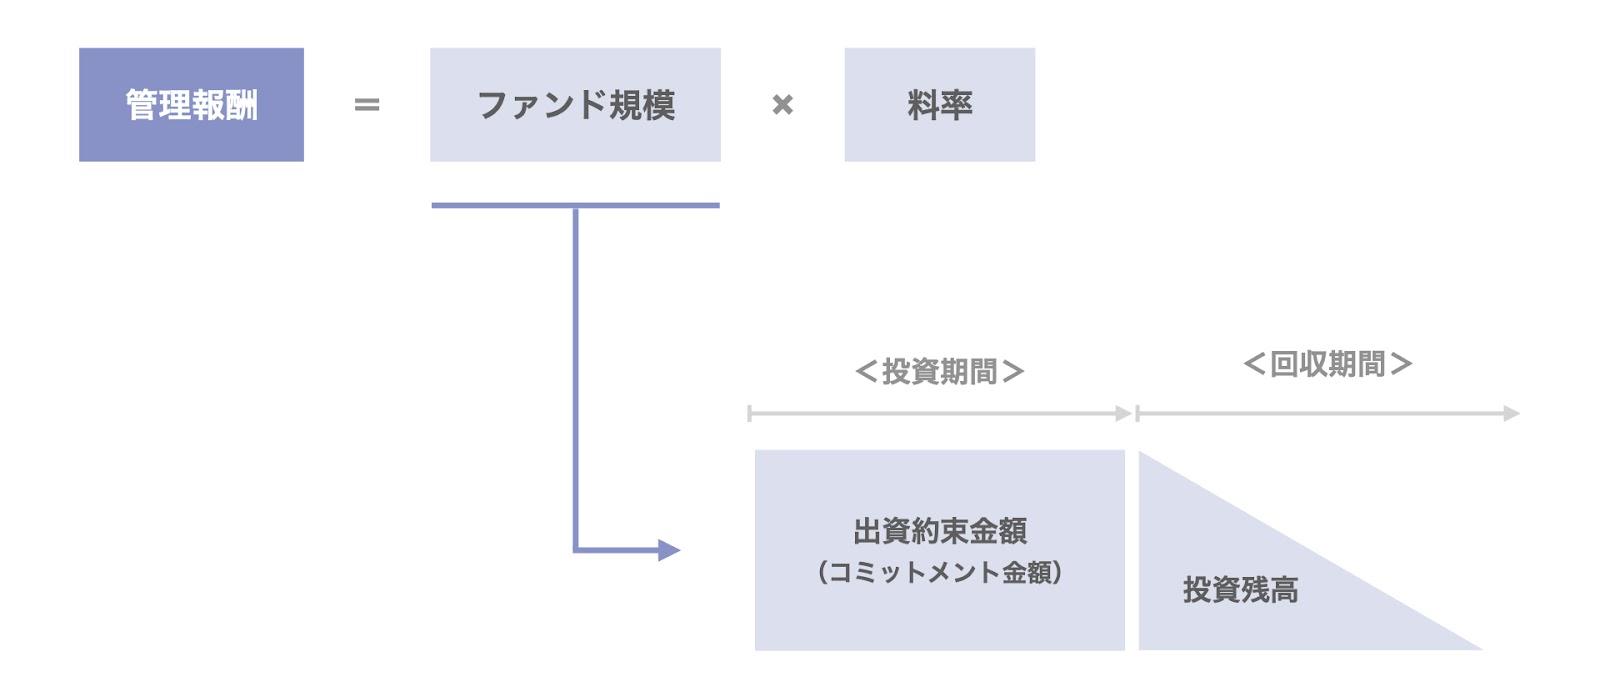 ファンド運営会社の報酬体系:管理報酬の計算方法